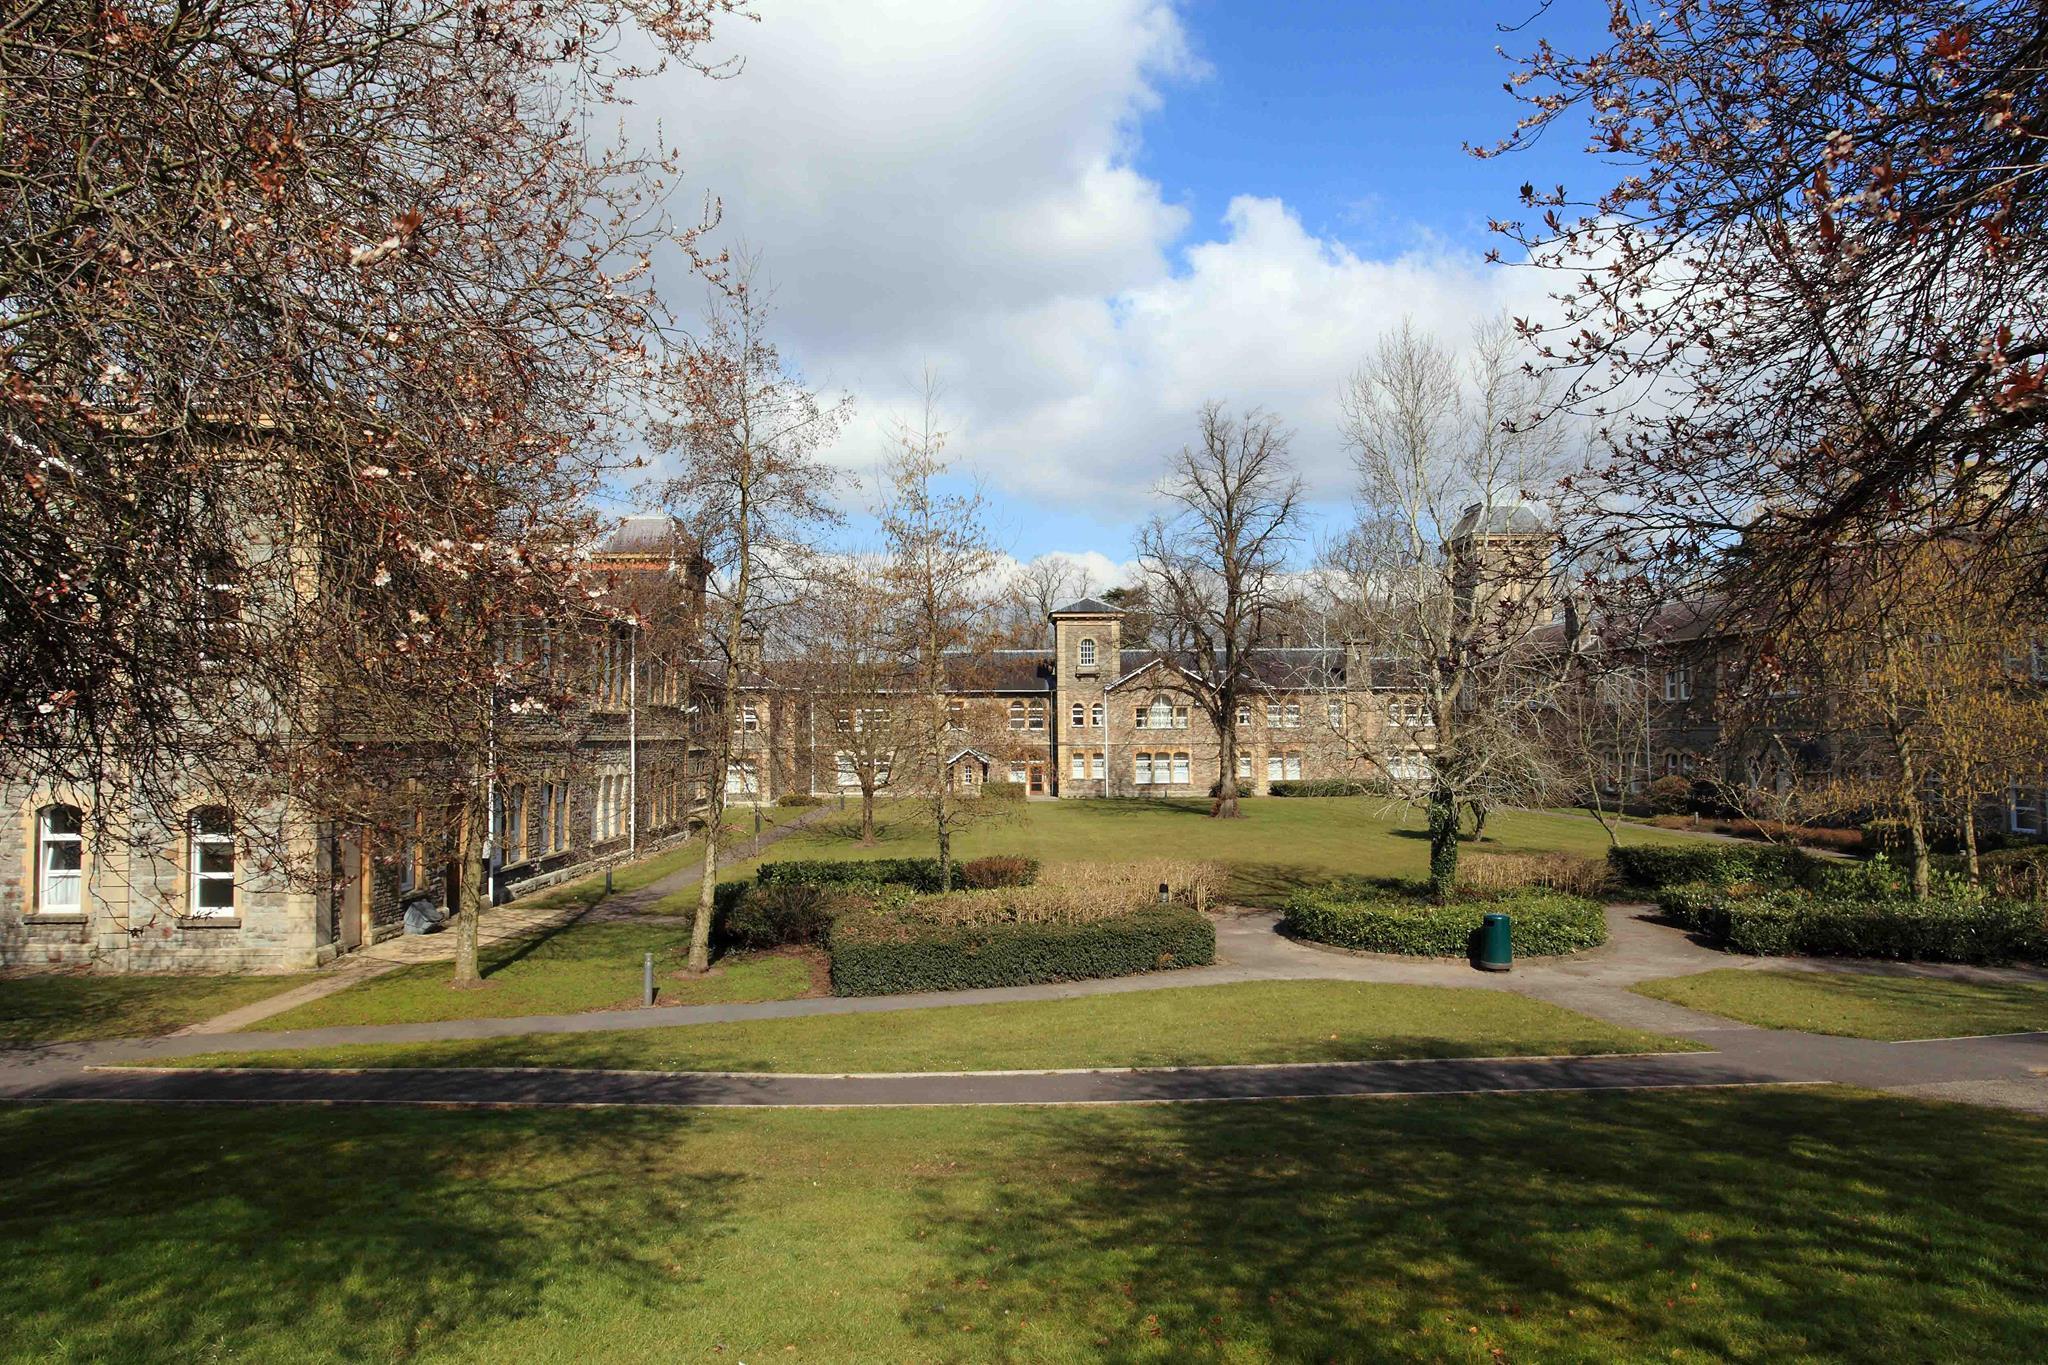 University of the West of England – UWE Campus